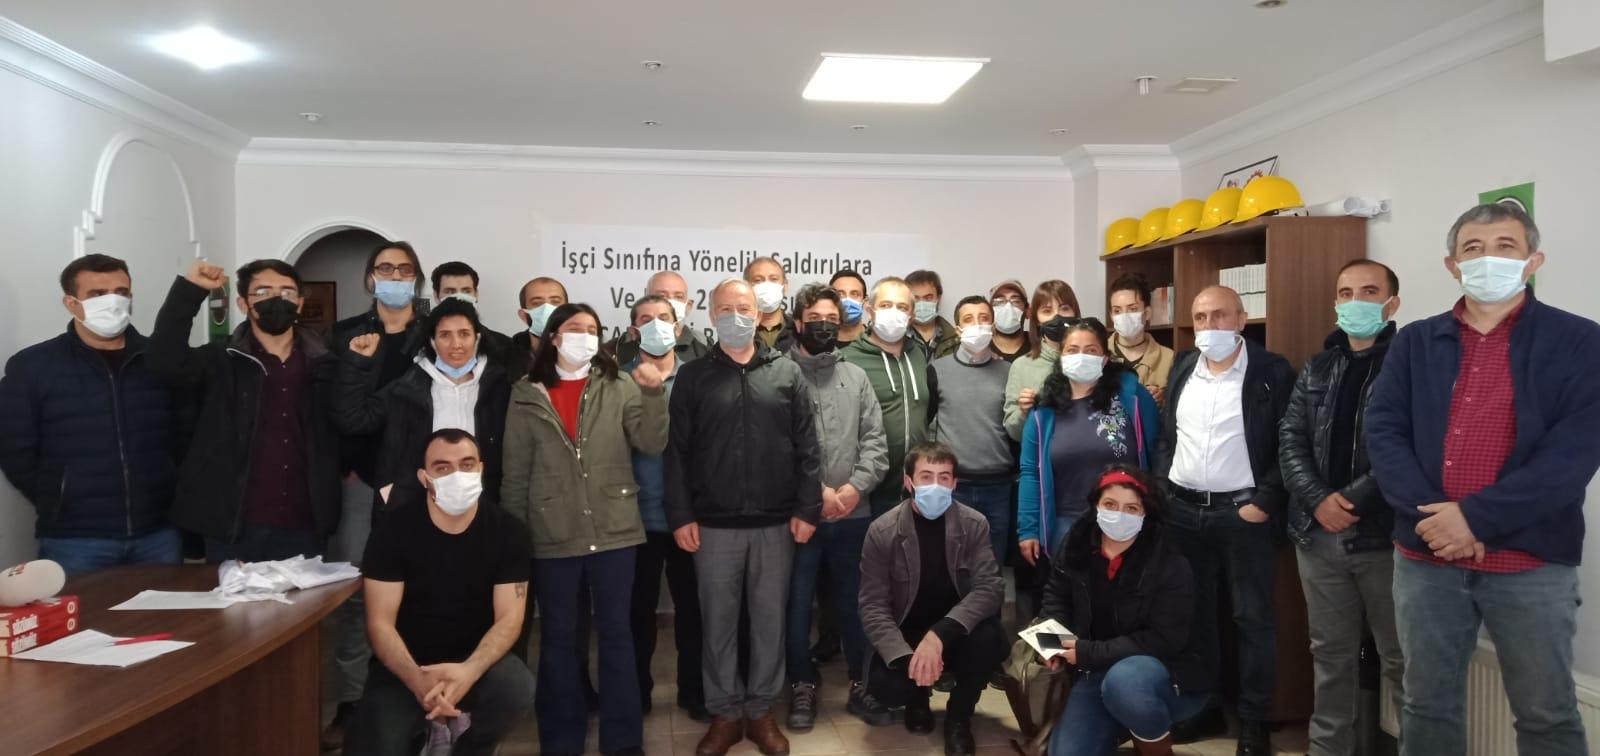 İşçi Sınıfına Yönelik Saldırılara ve Kod-29'a Karşı Örgütlenme ve Direnişi Büyütelim! - İstanbul İSİG Meclisi